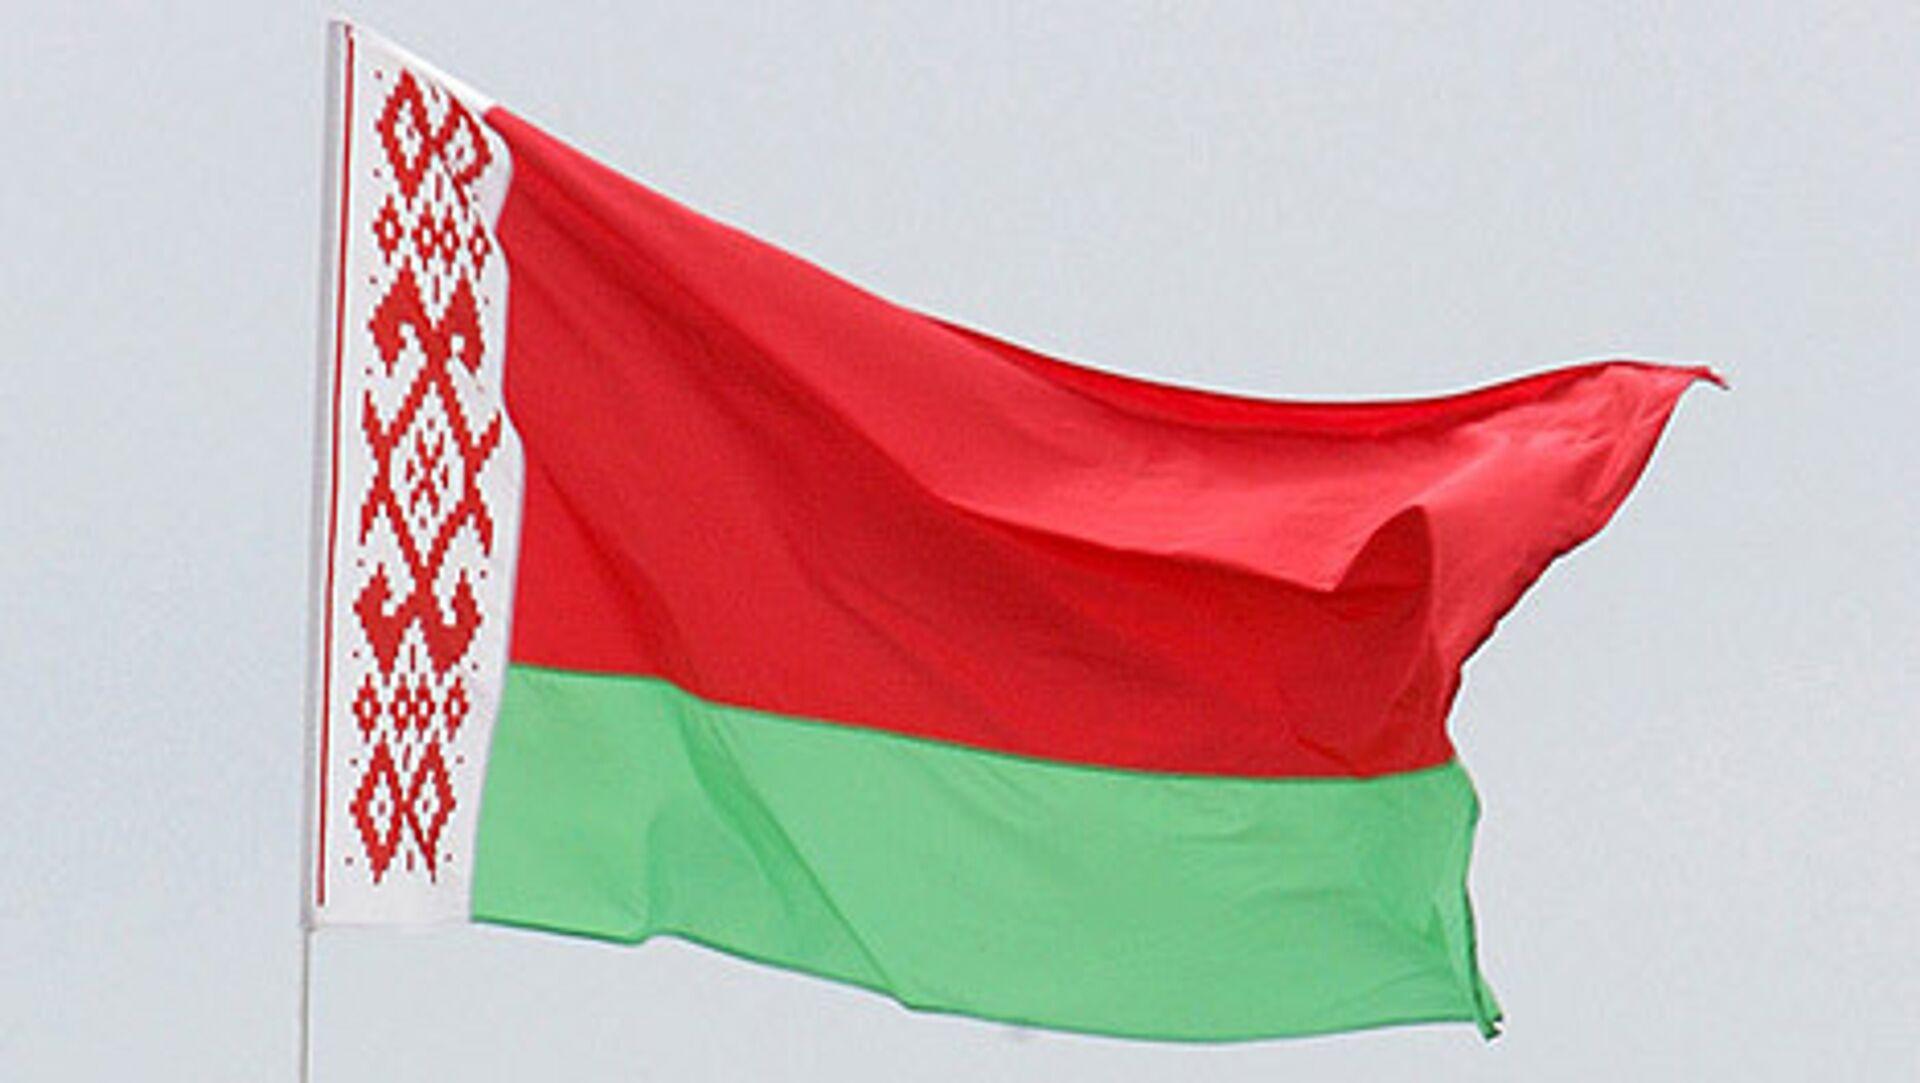 Belarus flag - Sputnik International, 1920